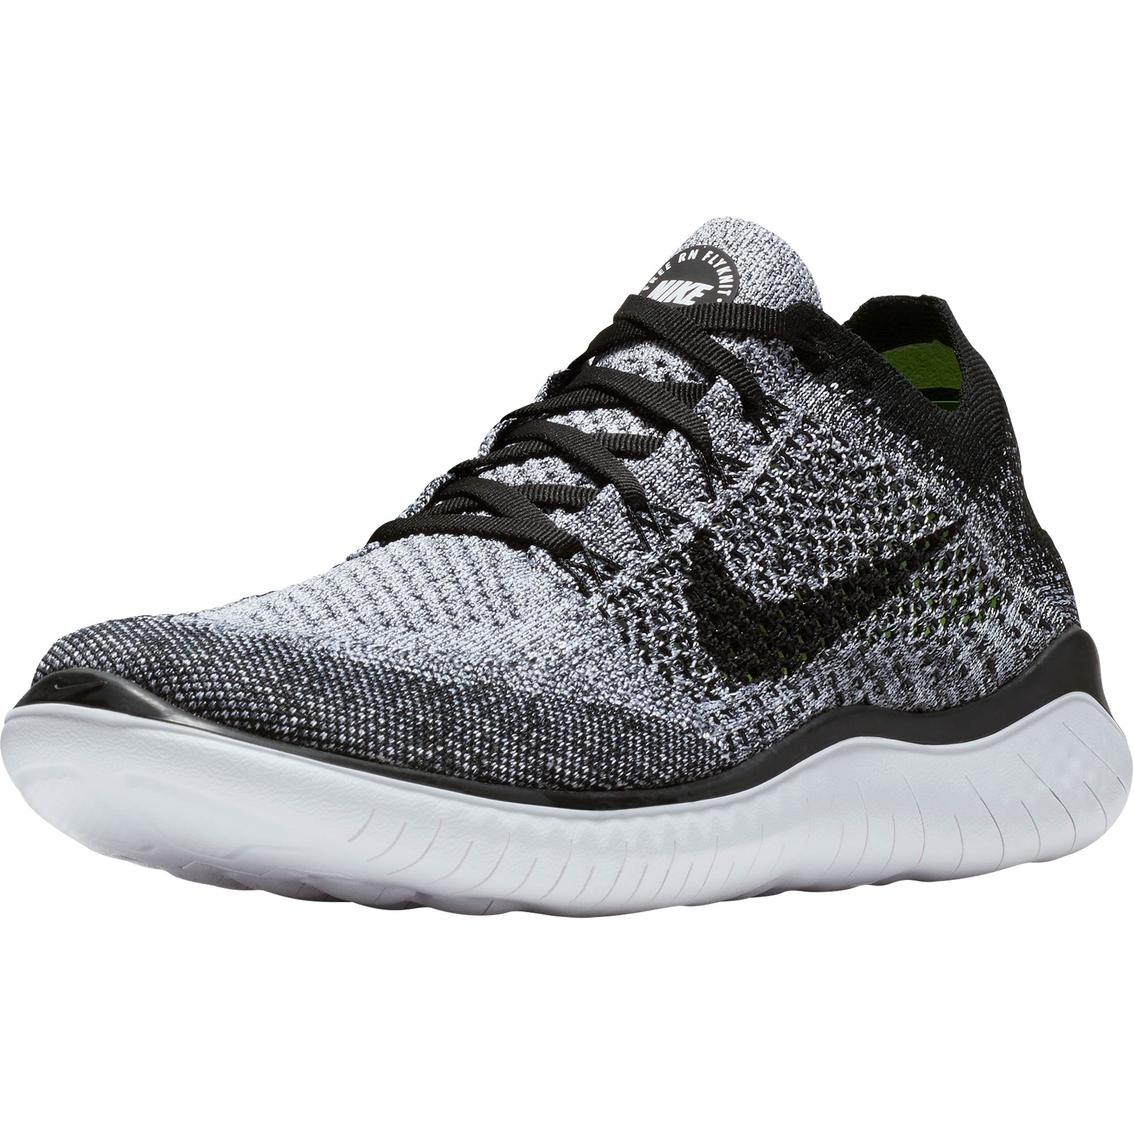 b35021244b3da1 Nike Men s Free Rn Flyknit 2018 Running Shoes